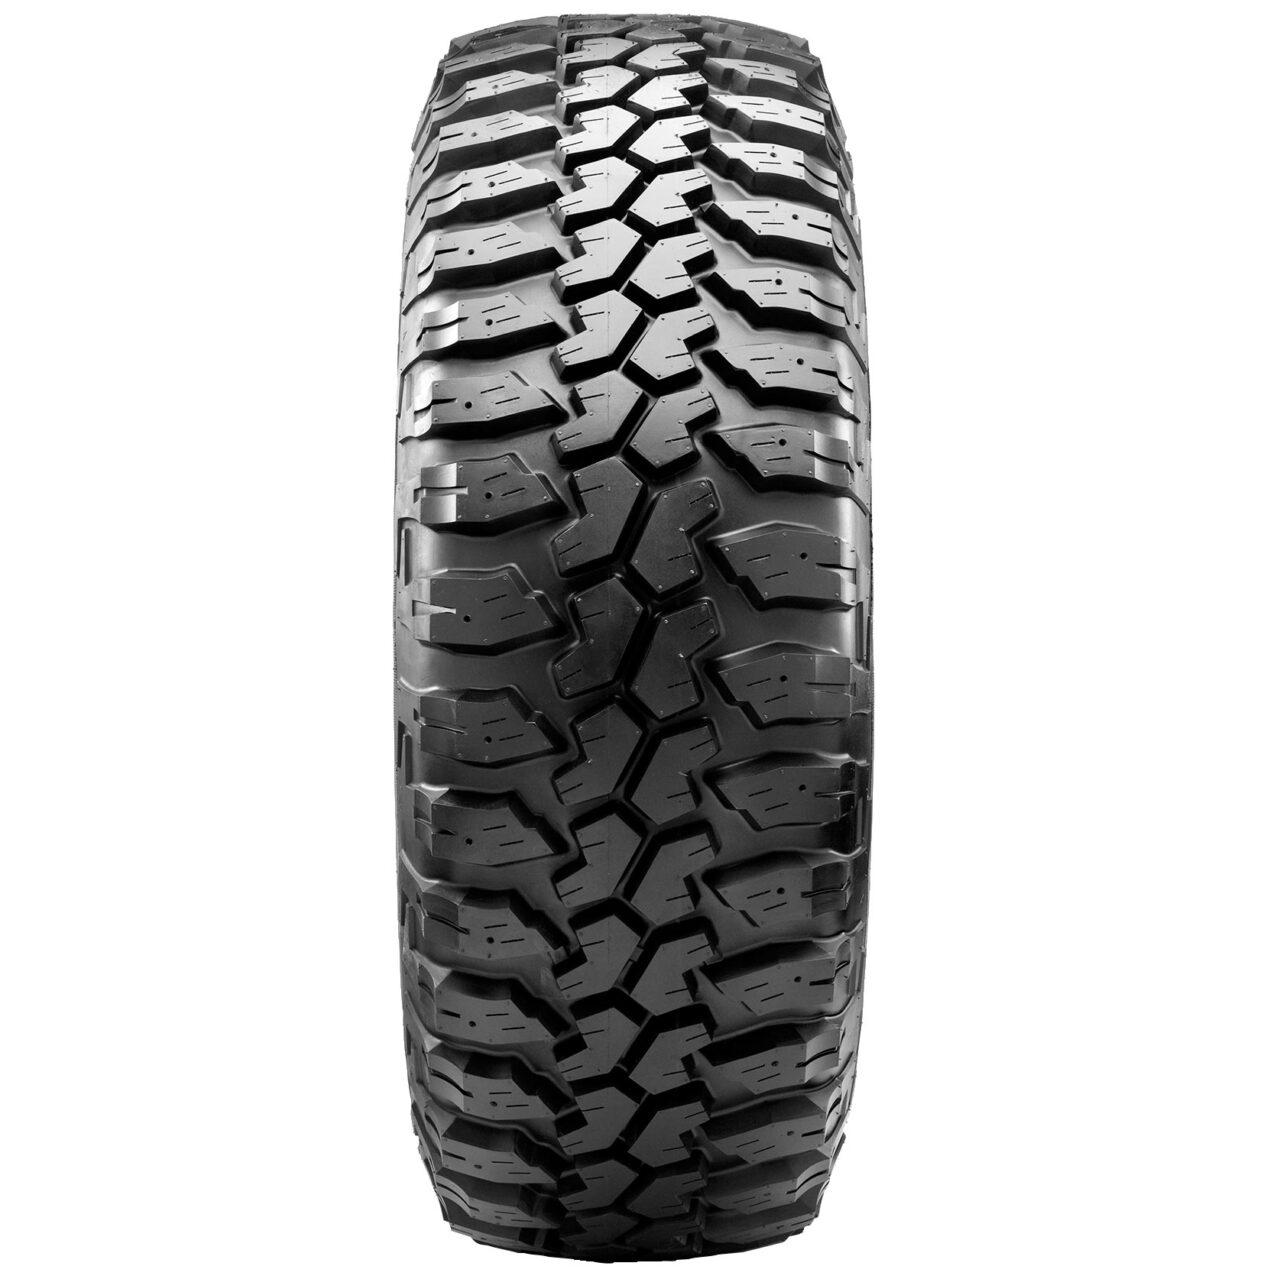 Maxxis Bighorn MT-762 mud terrain tire tread